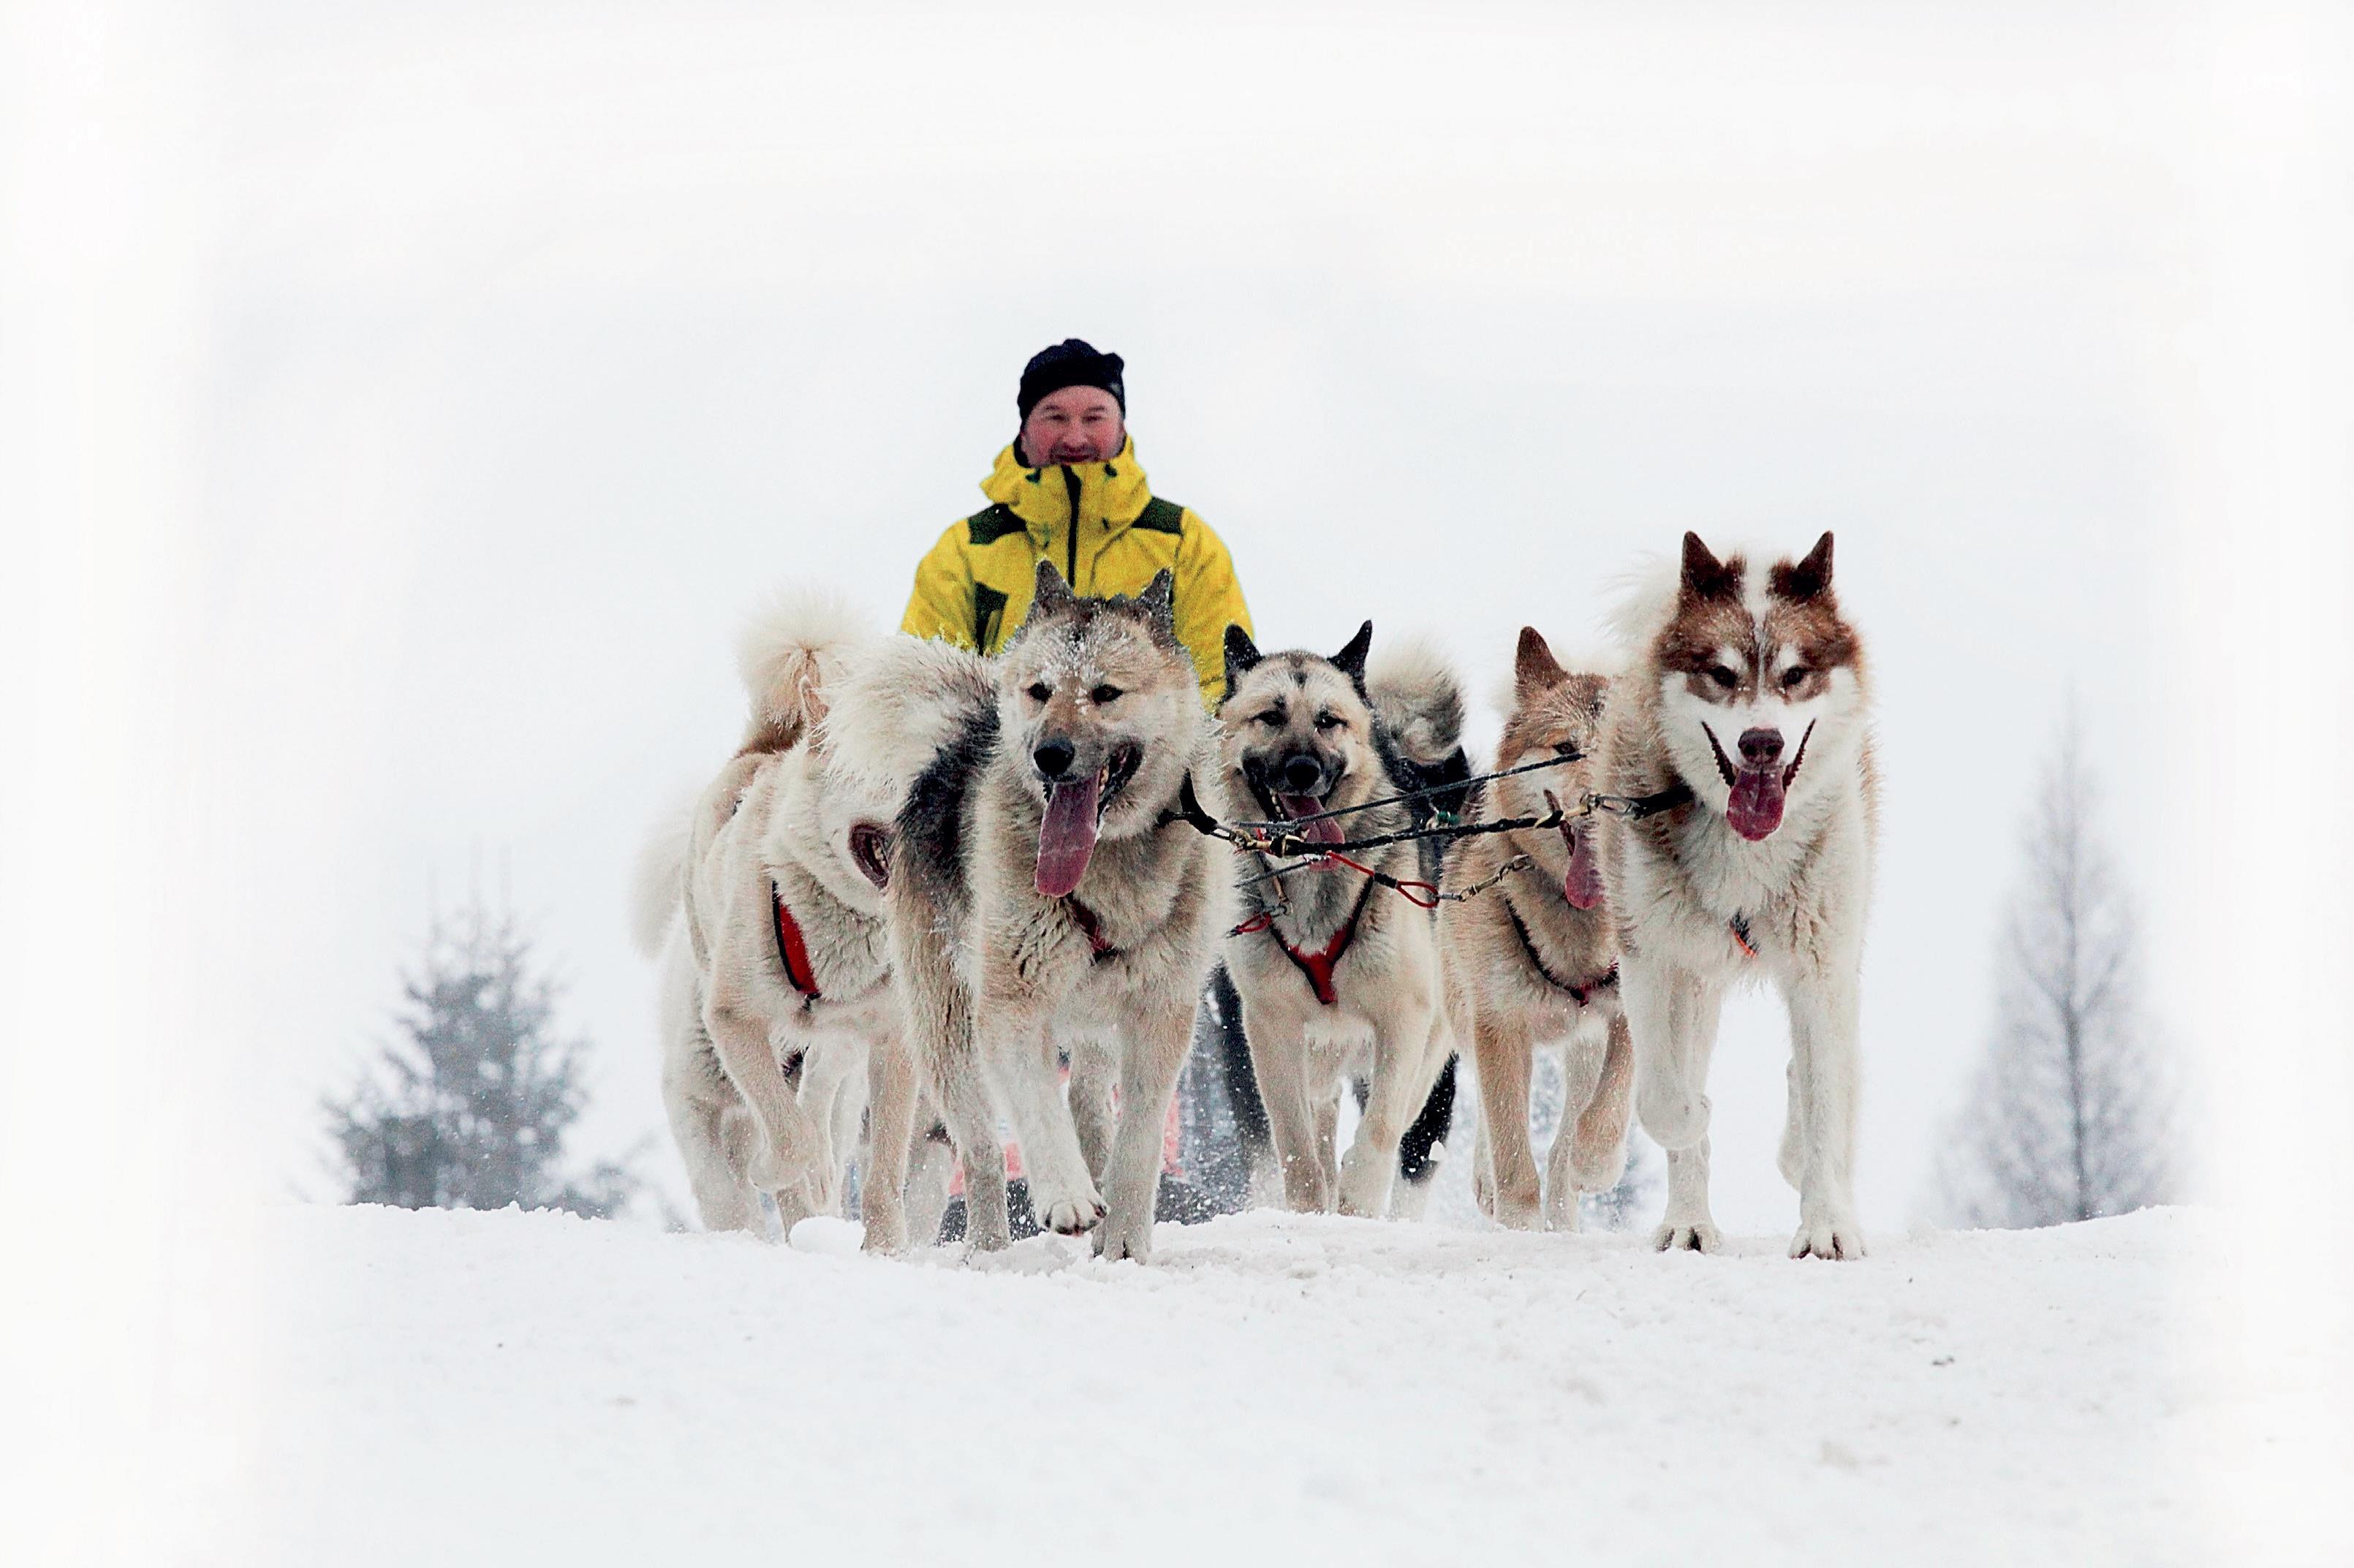 VDeštném vOrlických horách odstartoval 23. ročník Šediváčkova longu